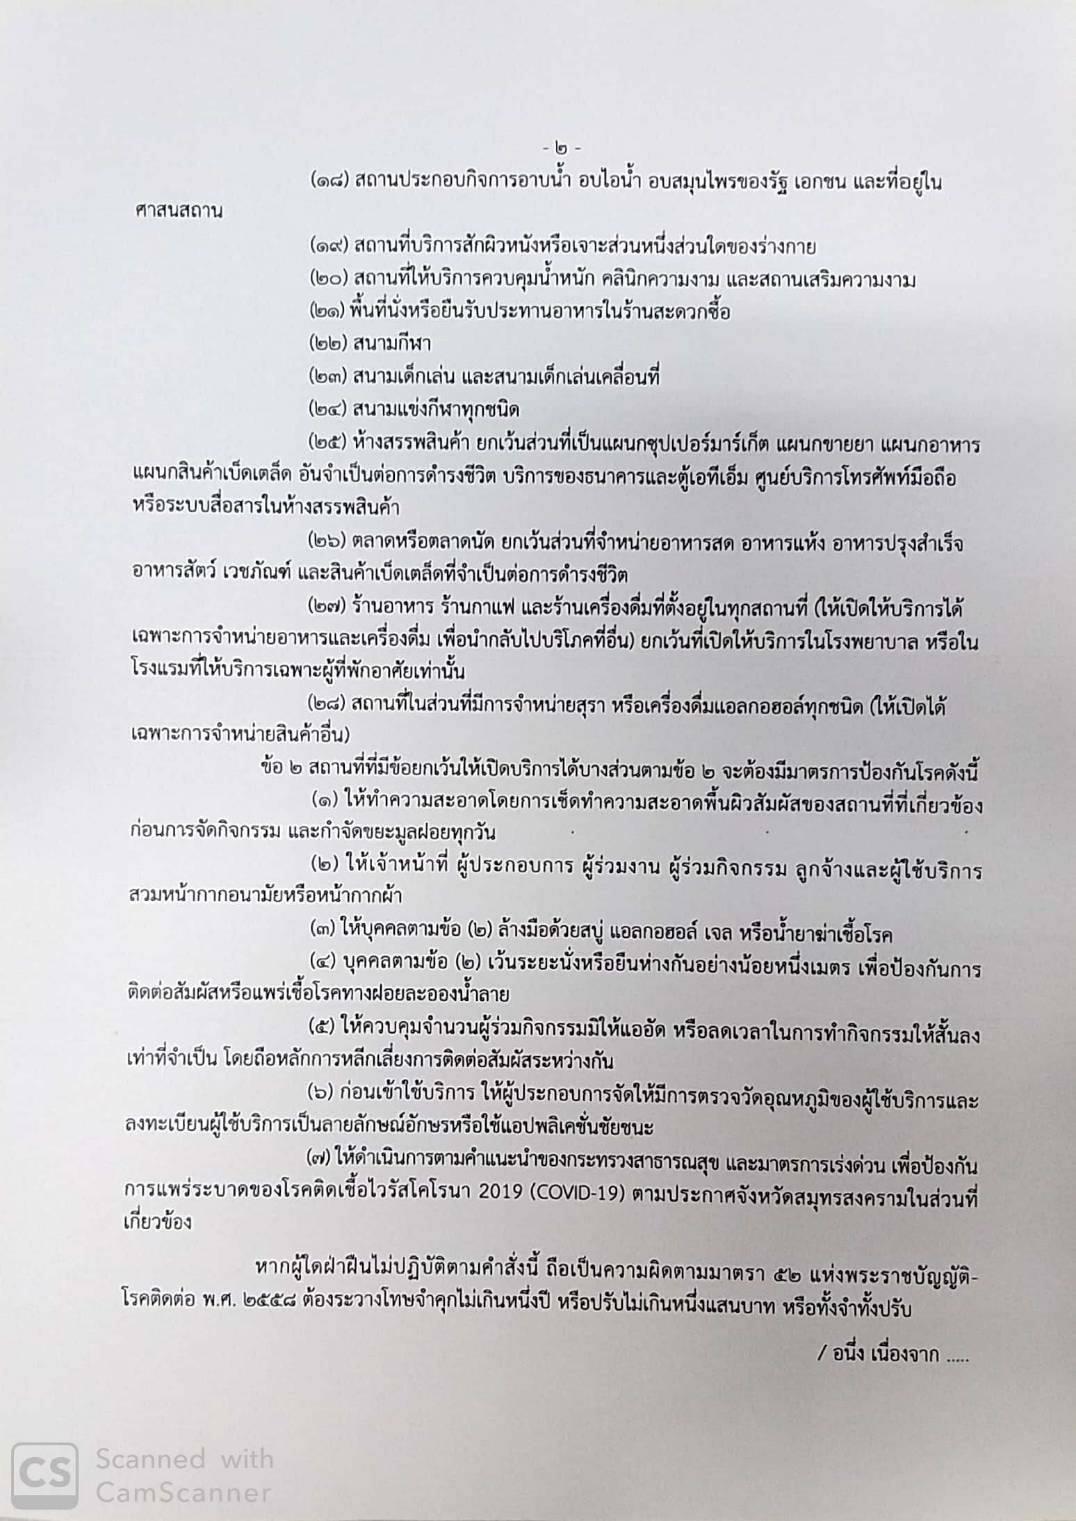 ผู้ว่าราชการจังหวัดสมุทรสงคราม ลงนามประกาศ ปิดสถานที่เสี่ยงต่อการแพร่ระบาดของโรคติดต่ออันตราย 1608645239